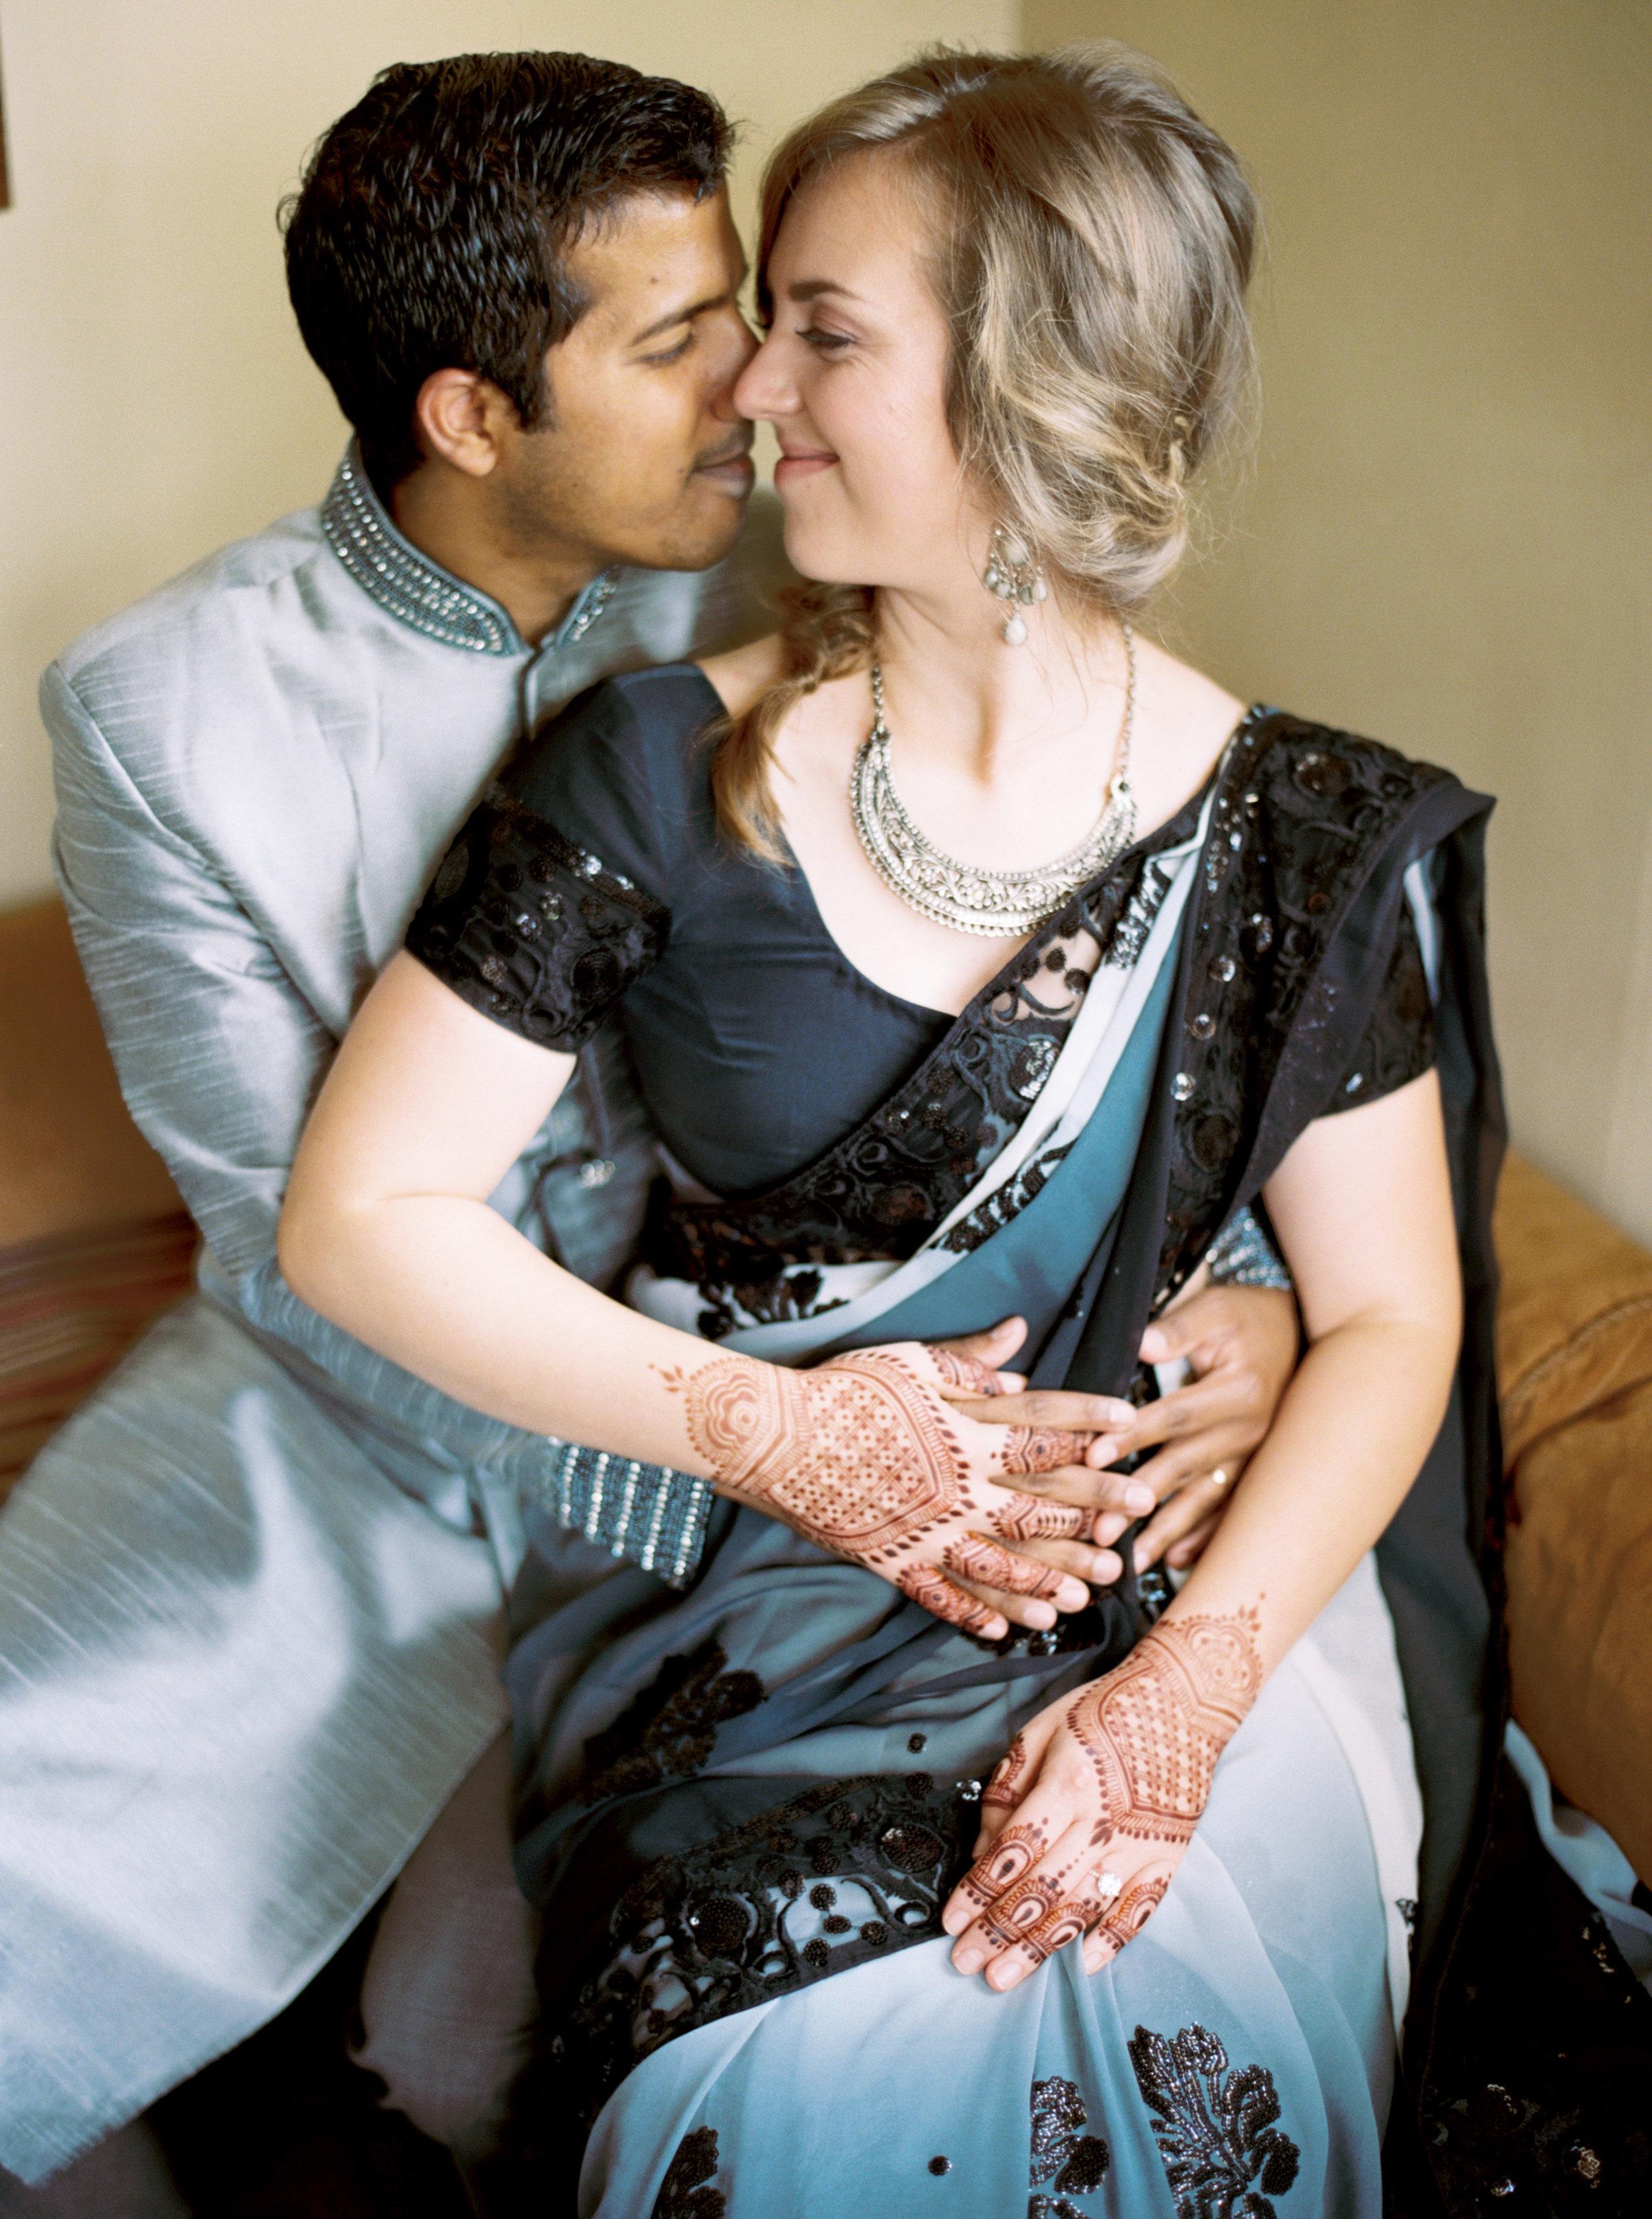 Wahoo_Grill_Atlanta_Indian_Wedding_Abigail_Malone_Photgoraphy_FIlm-47.jpg